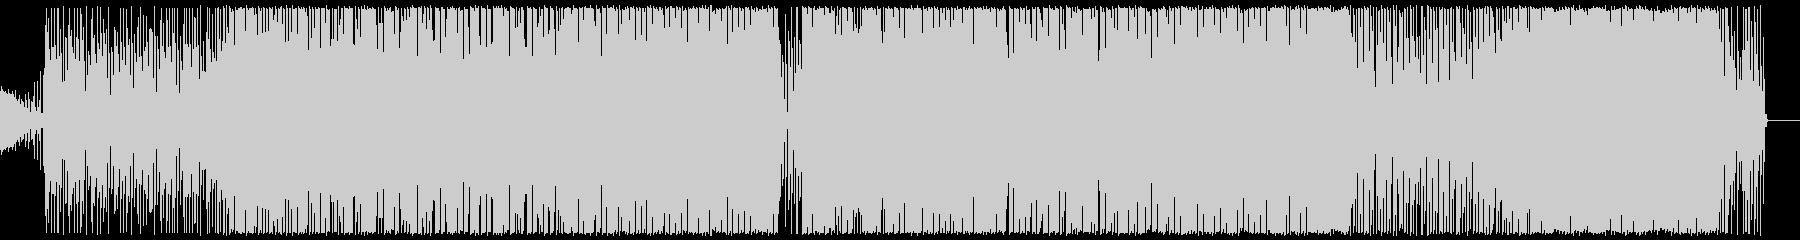 ほのぼのとした可愛いエレクトロポップの未再生の波形